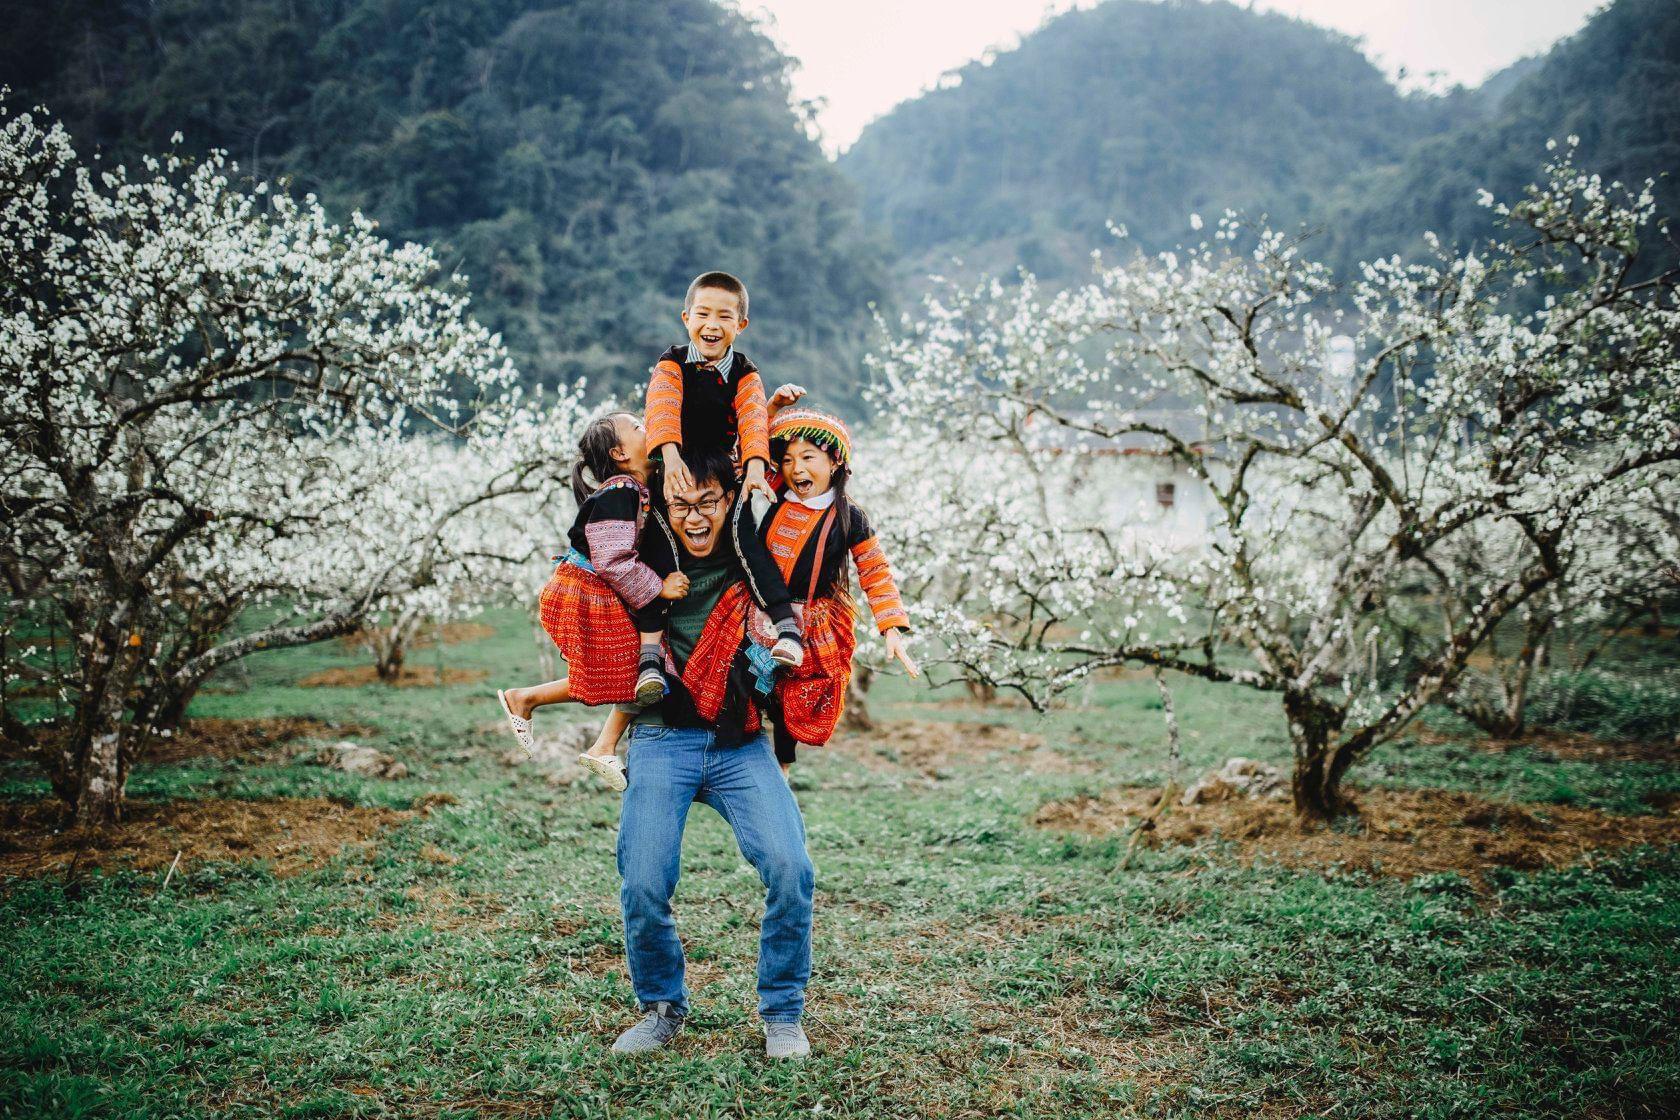 2 bé HMông cặm cụi cuốc đất, gieo hạt phụ bố mẹ và nụ cười khiến bao người tan chảy - Ảnh 5.